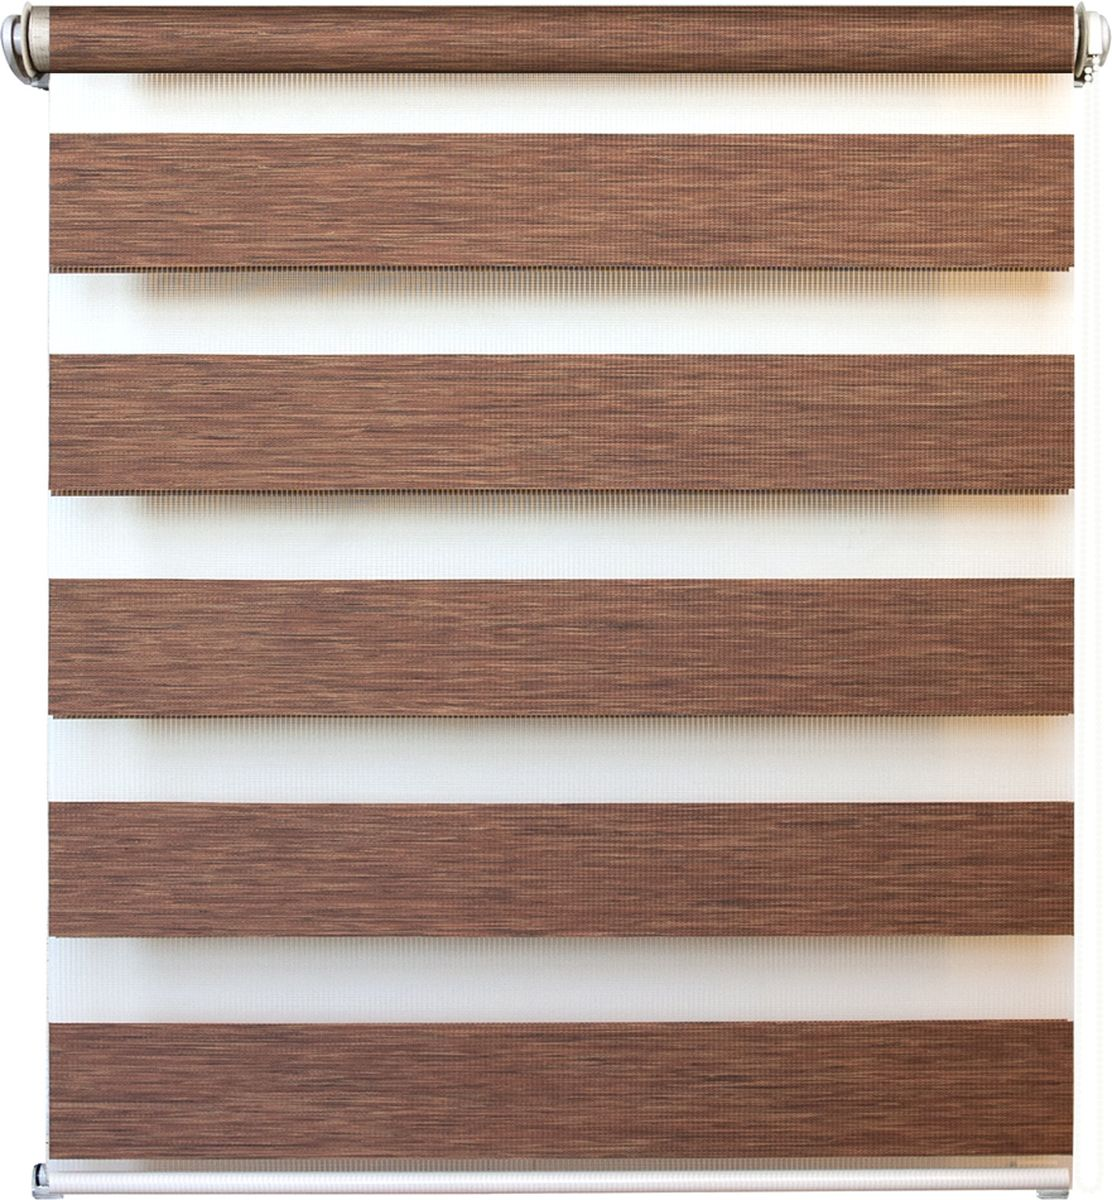 Штора рулонная день/ночь Уют Канзас, цвет: коричневый, 60 х 160 см62.РШТО.8807.140х175Штора рулонная день/ночь Уют Канзас выполнена из прочного полиэстера, в котором чередуются полосы различной плотности и фактуры. Управление двойным слоем ткани с помощью цепочки позволяет регулировать степень светопроницаемости шторы. Если совпали плотные полосы, то прозрачные будут открыты максимально. Это положение шторы называется День. Максимальное затемнение помещения достигается при полном совпадении полос разных фактур. Это положение шторы называется Ночь. Конструкция шторы также позволяет полностью свернуть полотно, обеспечив максимальное открытие окна. Рулонная штора - это разновидность штор, которая закрывает не весь оконный проем, а непосредственно само стекло. Такая штора очень компактна, что помогает сэкономить пространство. Универсальная конструкция позволяет монтировать штору на стену, потолок, деревянные или пластиковые рамы окон. В комплект входят кронштейны и нижний утяжелитель. Возможна установка с управлением цепочкой как справа, так и слева. Такая штора станет прекрасным элементом декора окна и гармонично впишется в интерьер любого помещения. Классический дизайн подойдет для гостиной, спальни, кухни, кабинета или офиса.